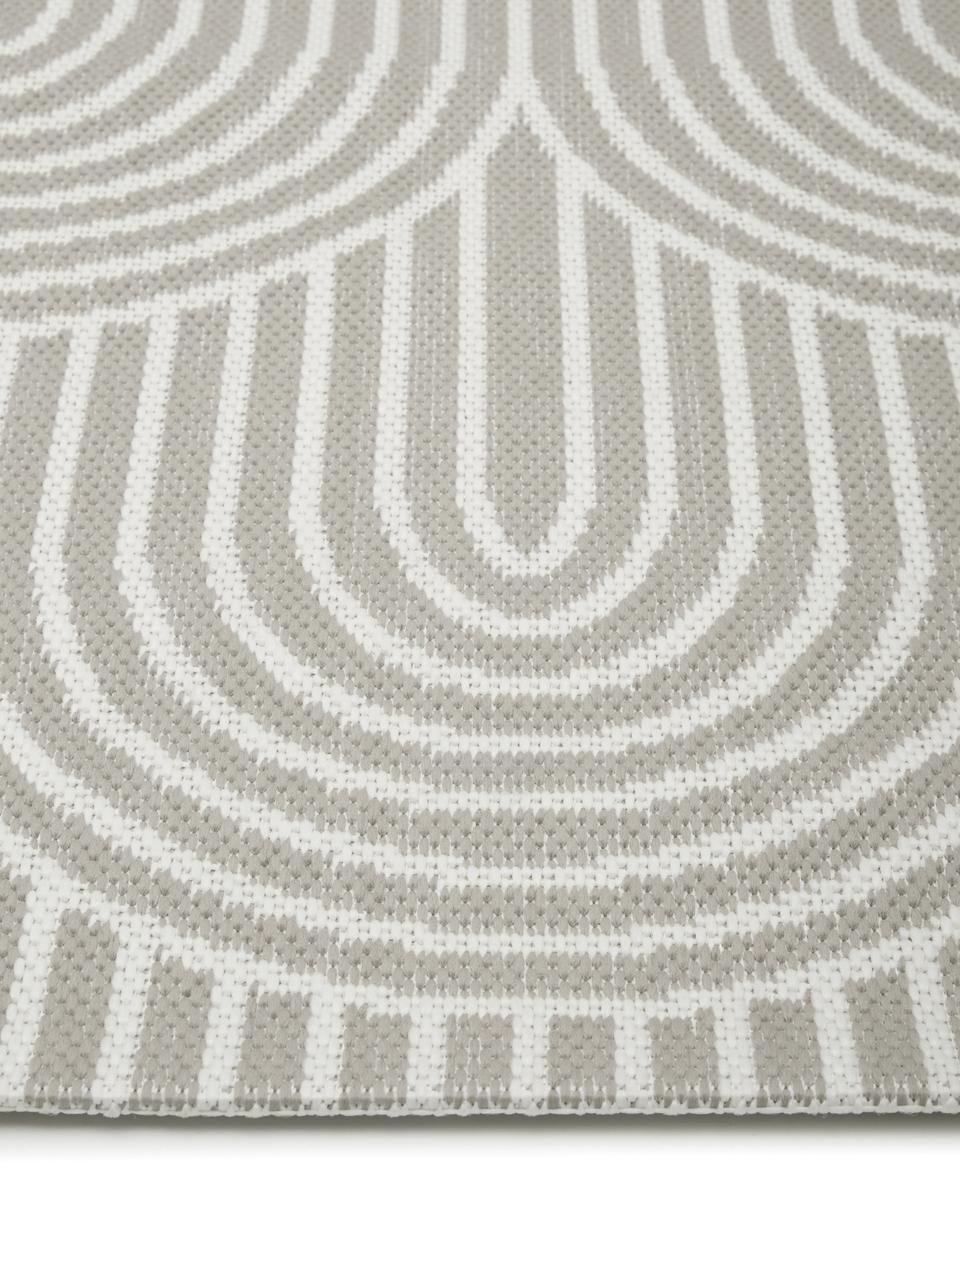 In- & Outdoorteppich Arches in Grau/Cremeweiß, 86% Polypropylen, 14% Polyester, Grau, Weiß, B 200 x L 290 cm (Größe L)